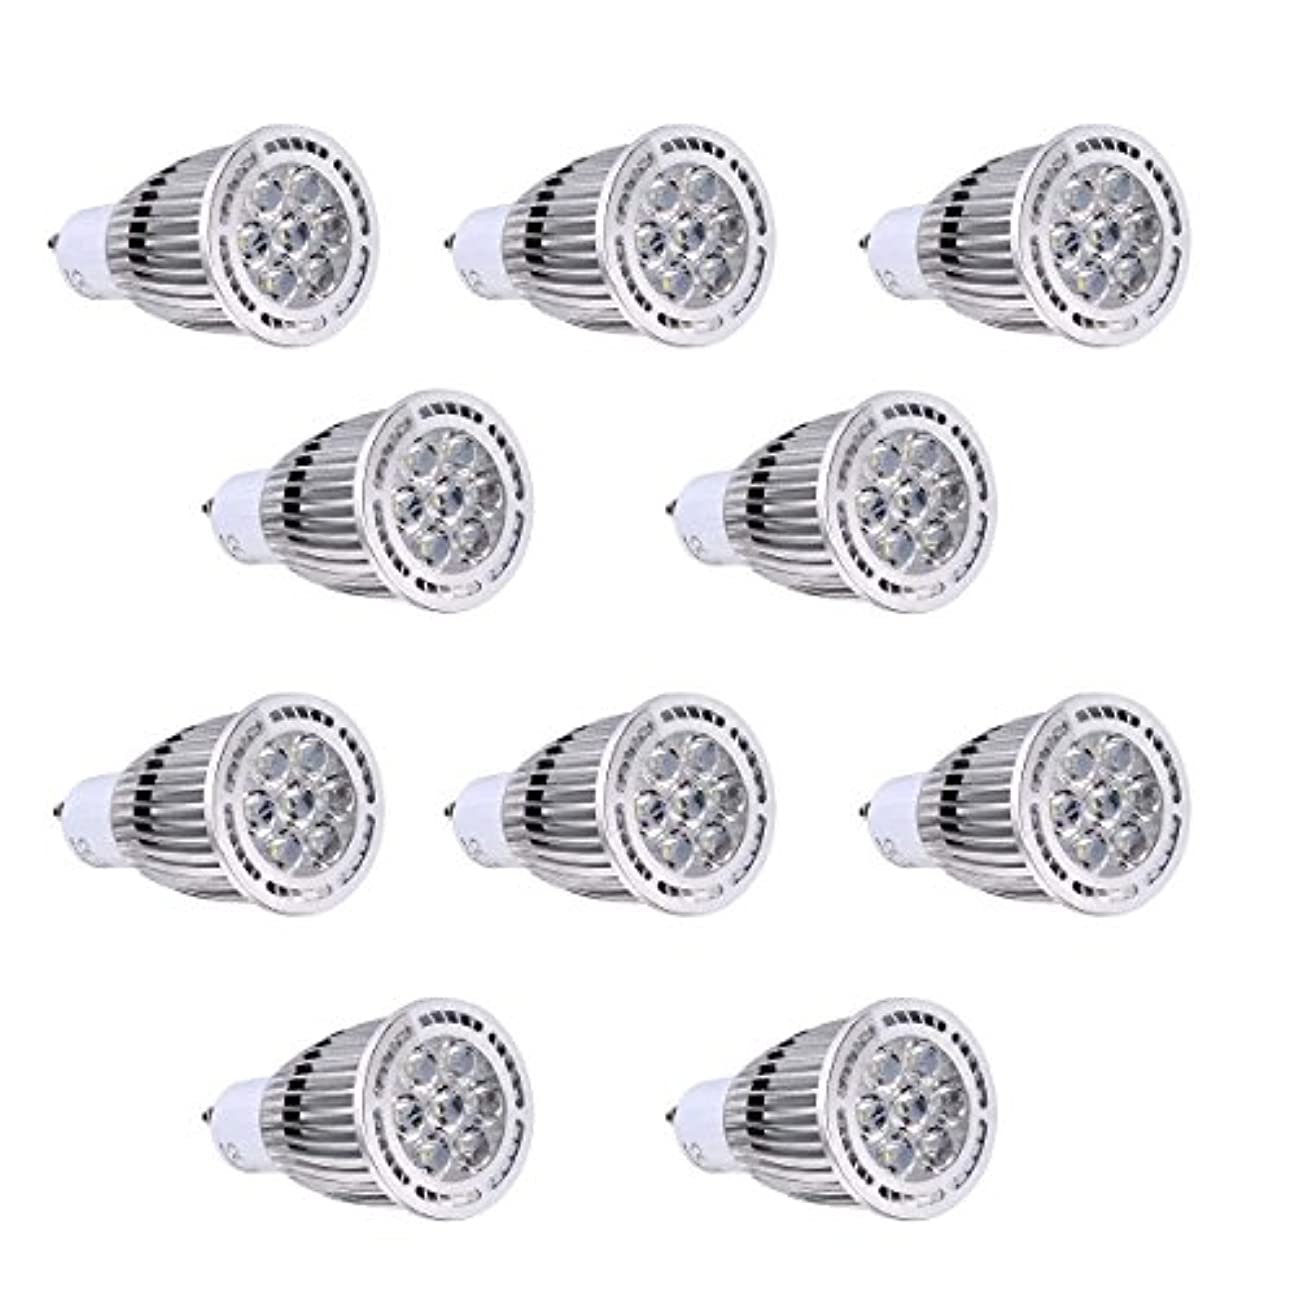 人口ドアミラー征服BMY ホームLED電球、GU10 7W SMD 3030 600-700 LMウォームホワイト/クールホワイトクリアLEDスポットライトAC 85-265V AC 220-240V AC 110-130V(10個)電球(色:110-130V、サイズ:ウォームホワイト)